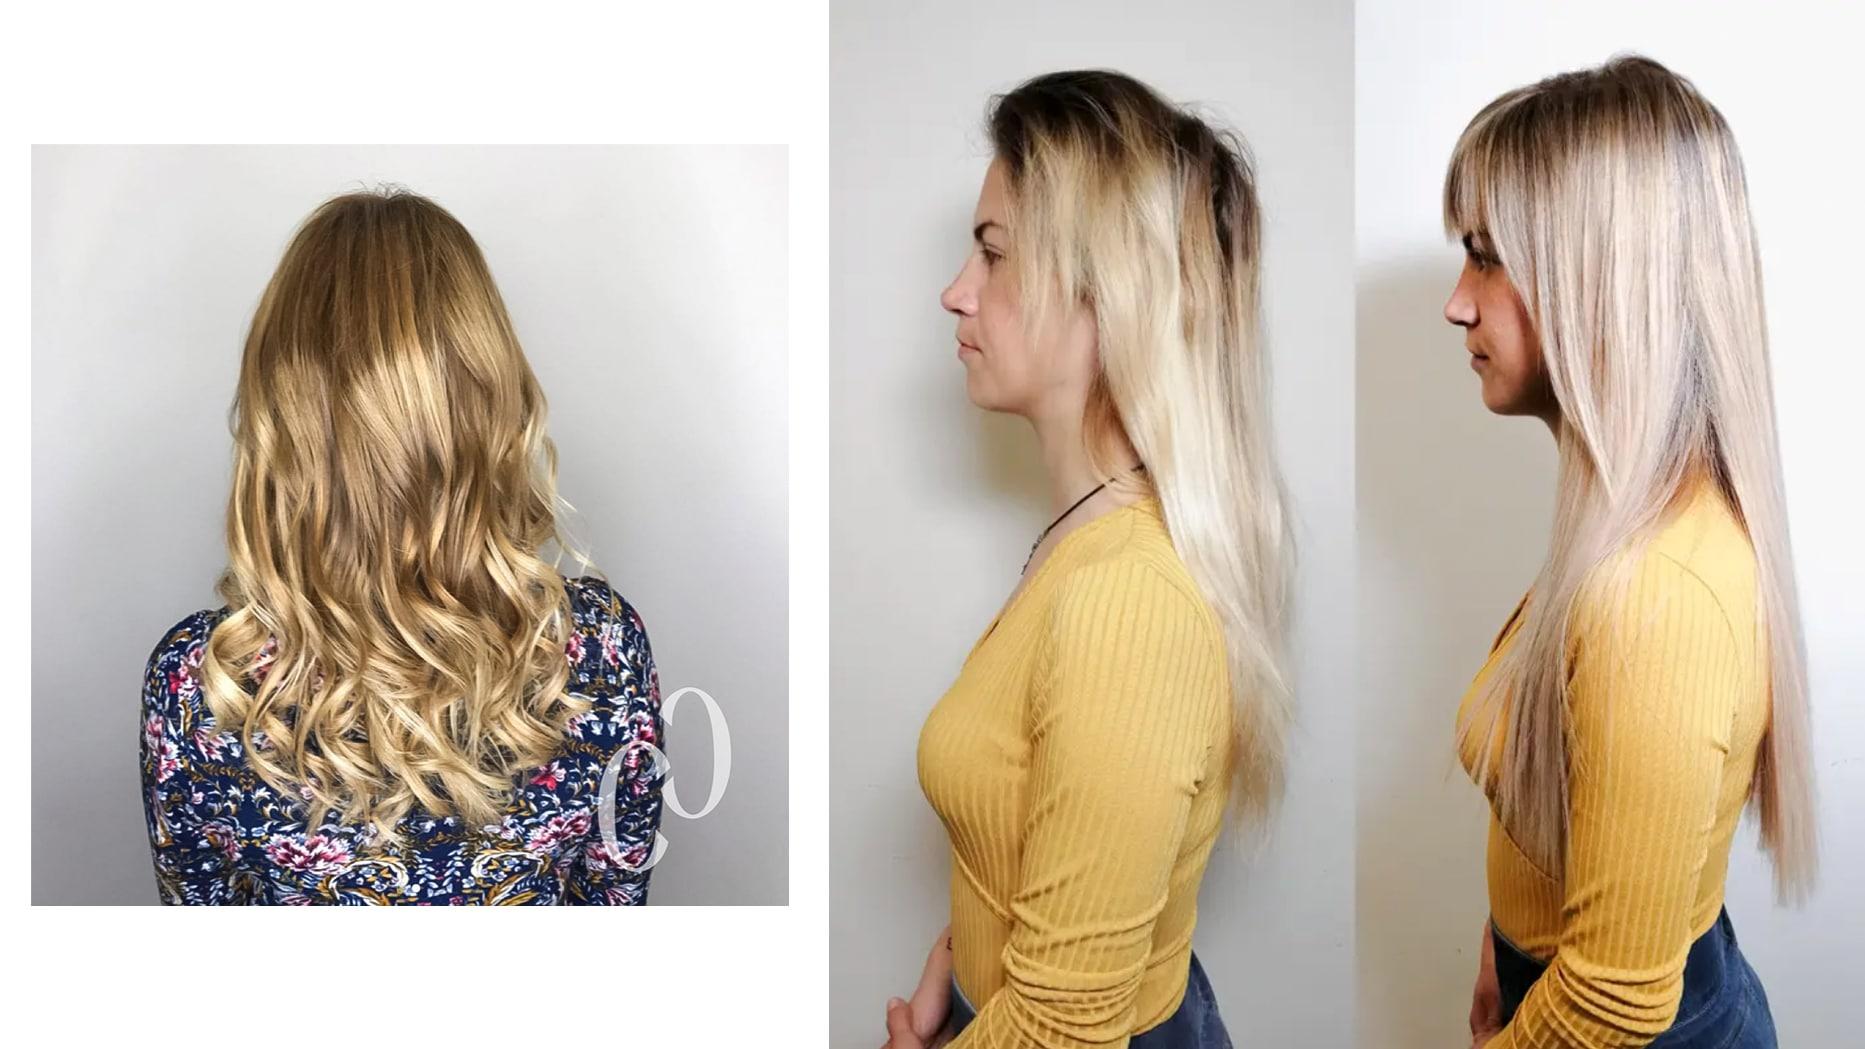 Balayage und Farbkreativität dank Extensions / Haarverdichtung / Haarverlängerung 1010 Wien bei Carola Claudia Staudinger - Luxus Echthaare von Great Lengths